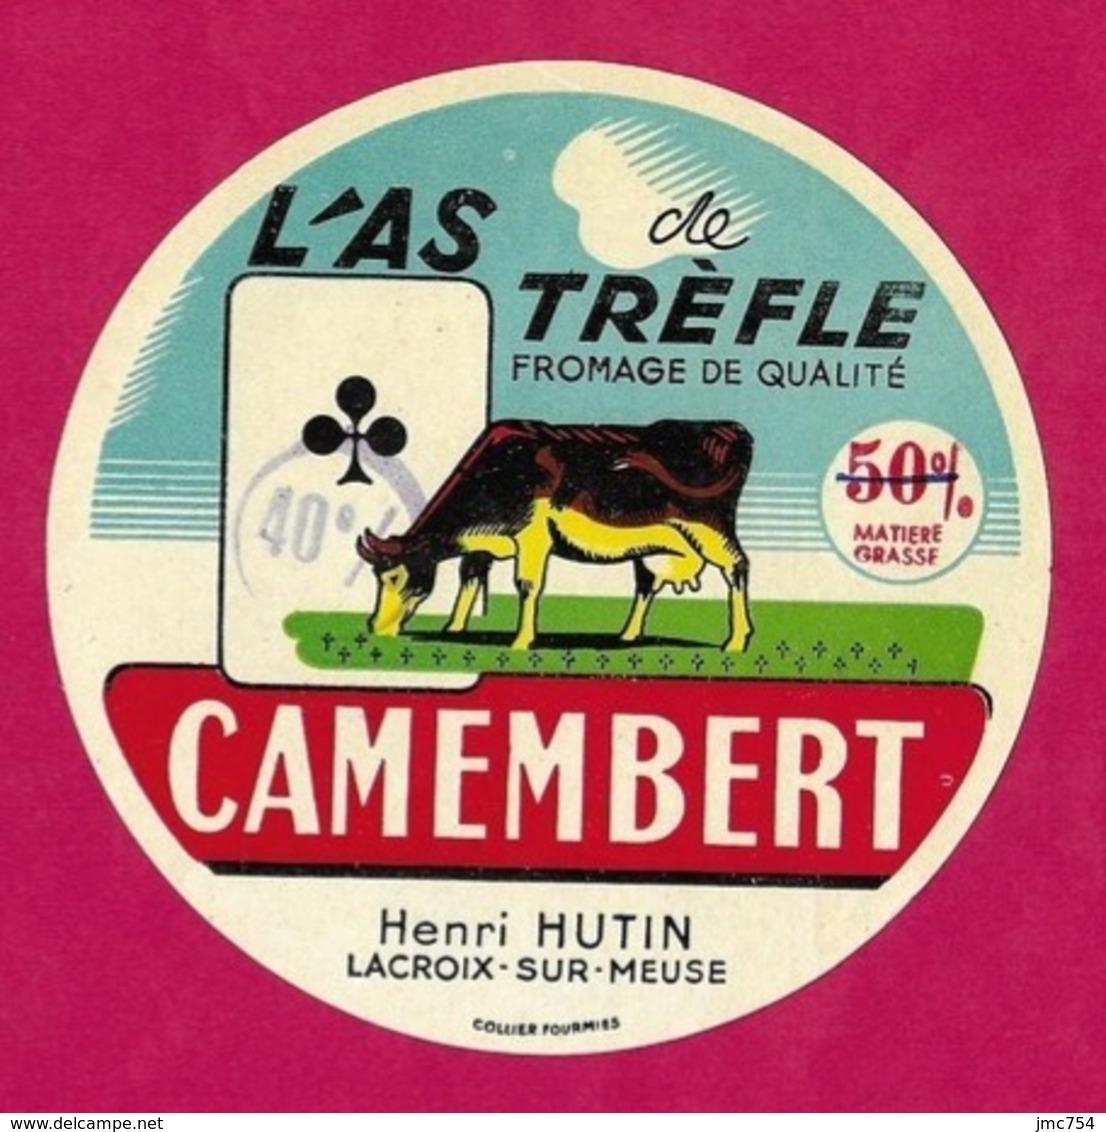 Etiquettes De Fromage.  Camembert L'As De Trèfle.   Henri Hutin.   Lacroix Sur Meuse.  Neuve. - Cheese